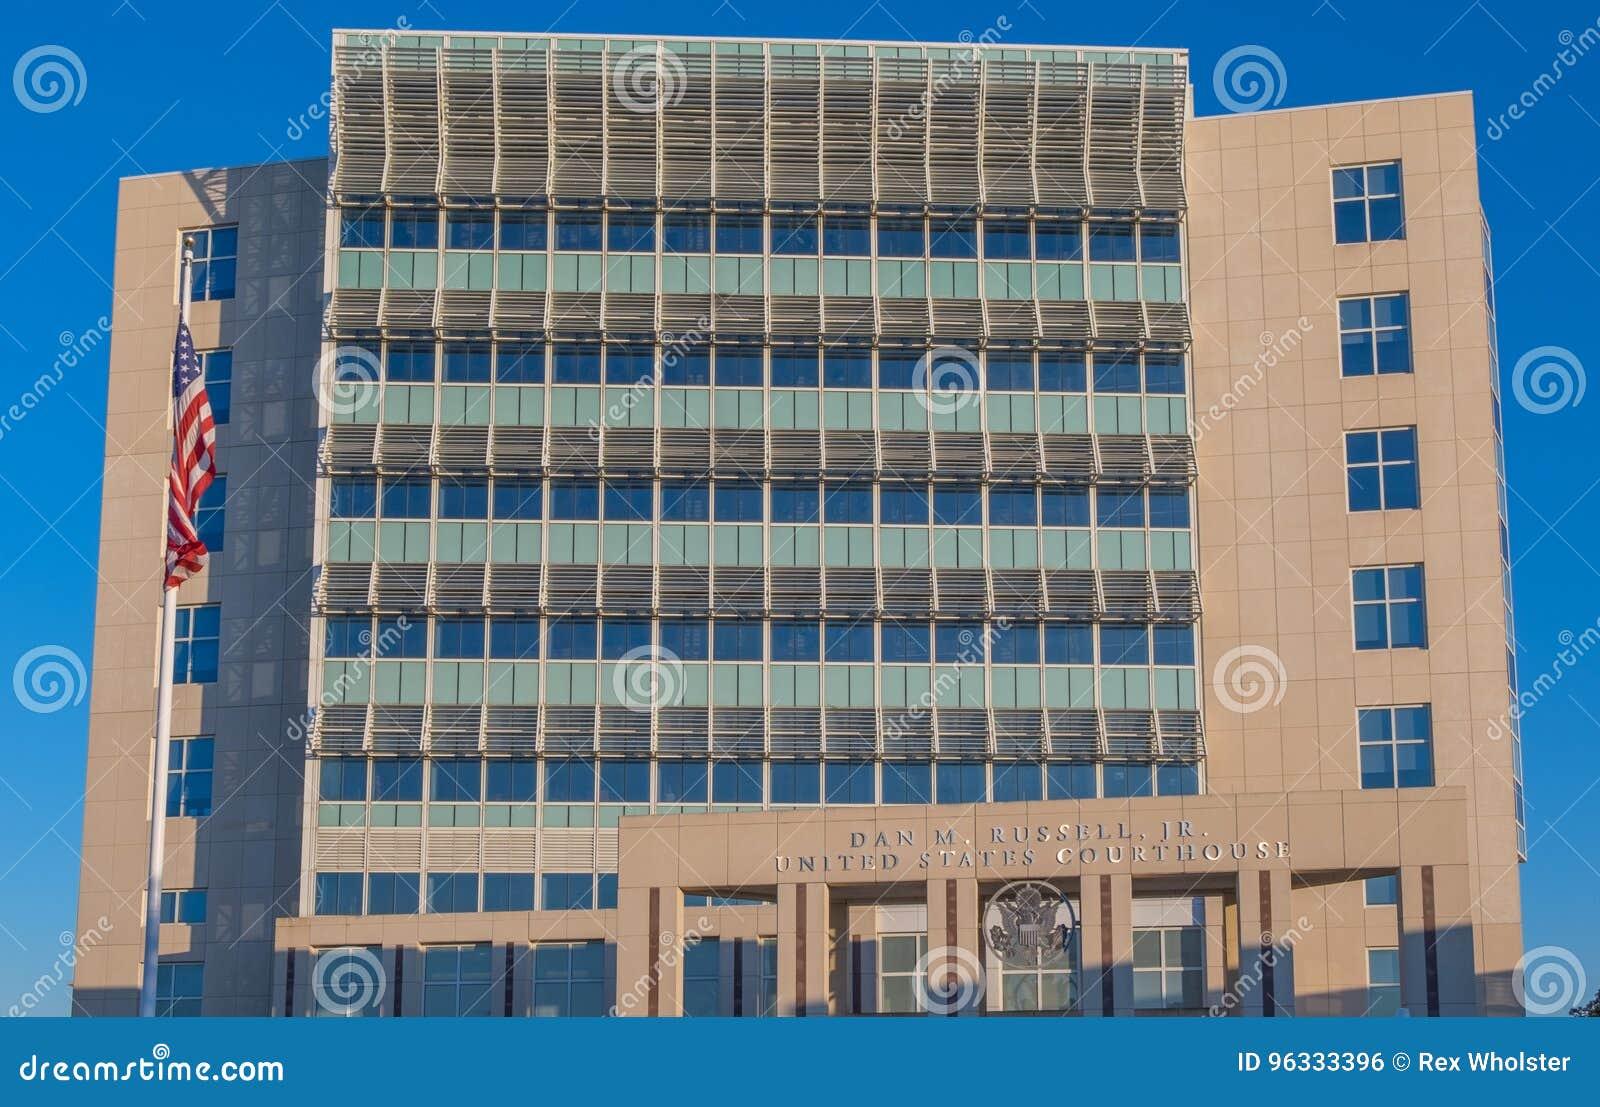 Окружной суд Соединенных Штатов в Gulfport Миссиссипи